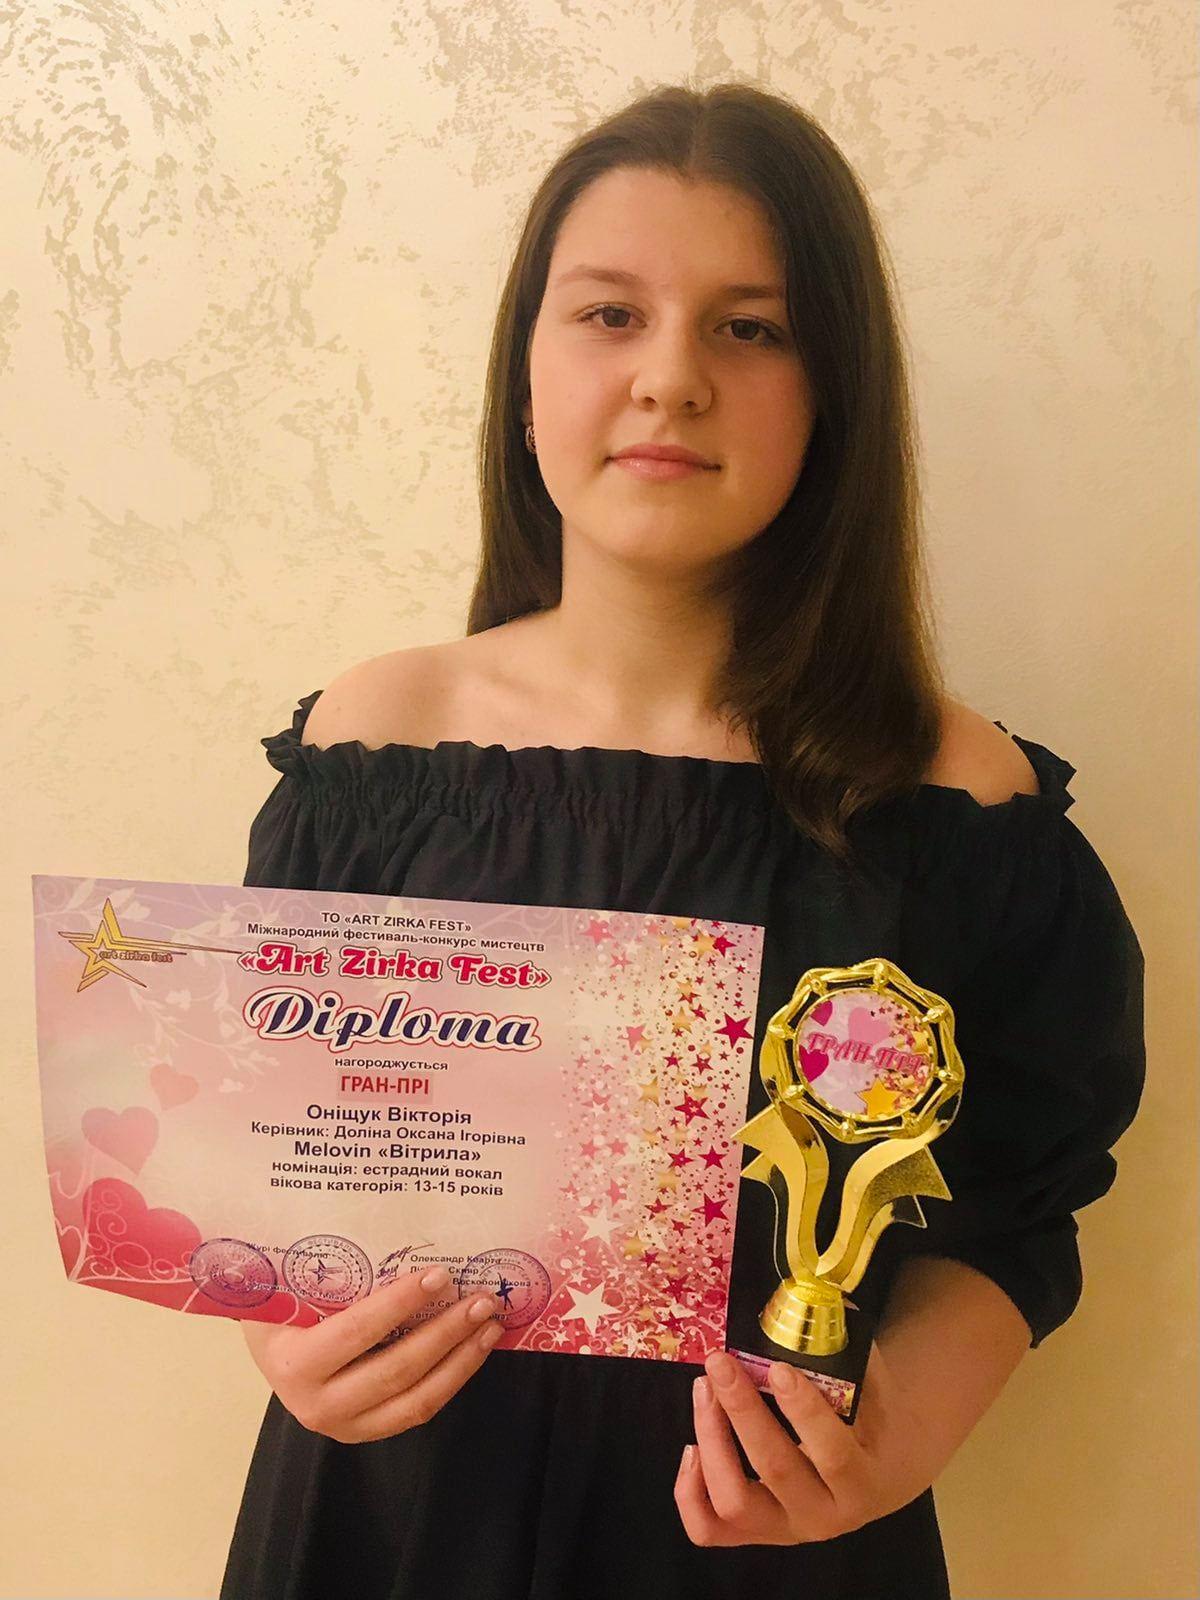 Вихованки Хмільницької школи мистецтв показали чудові результати у Всеукраїнському та Міжнародному фестивалях-конкурсах, а Вікторія Онищук стала володаркою Гран-Прі